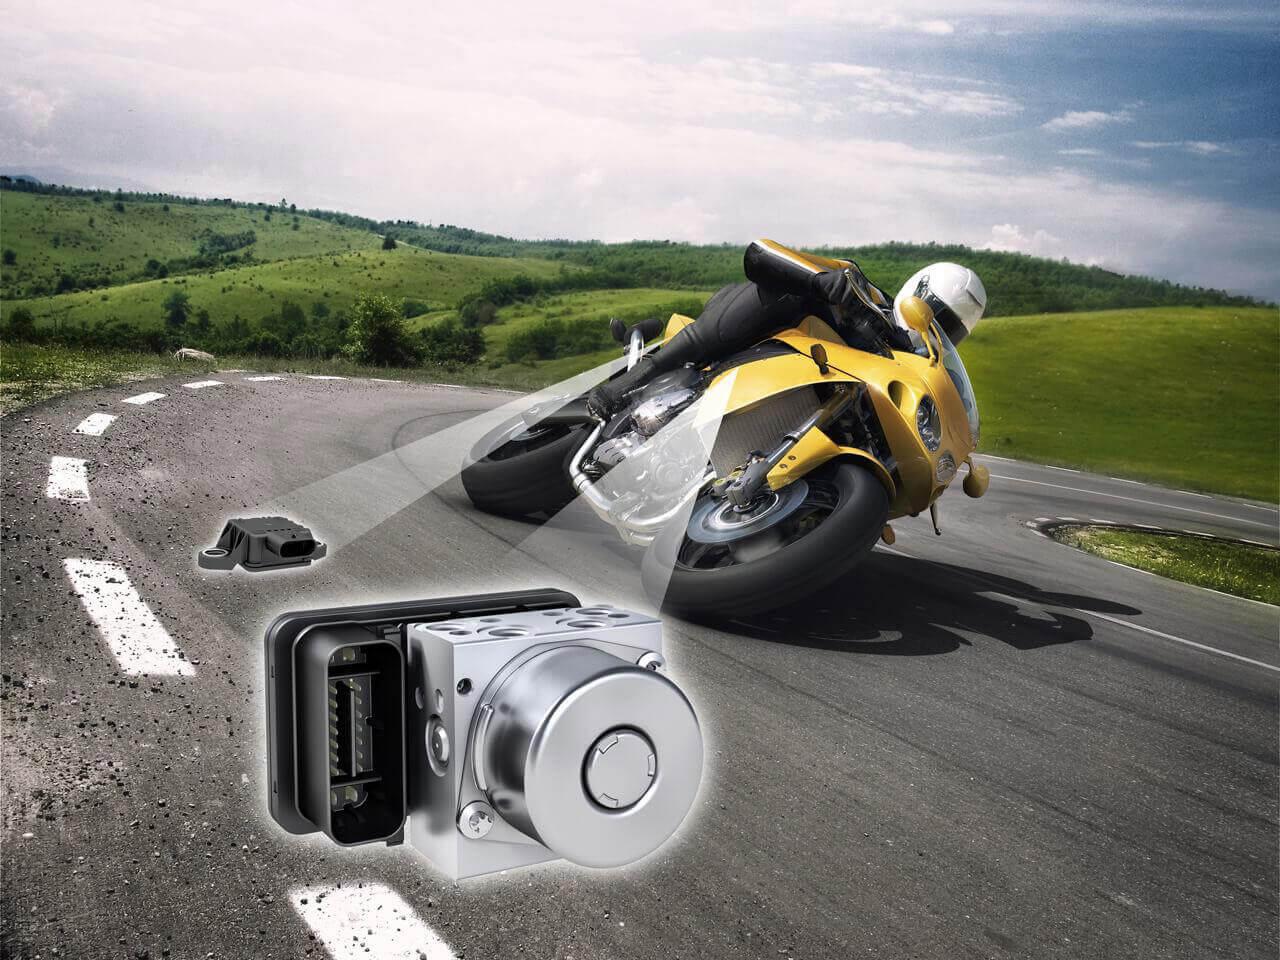 A menetstabilizáló a motorkerékpároknál talán még nagyobb jelentőséggel bír, mint az autóknál